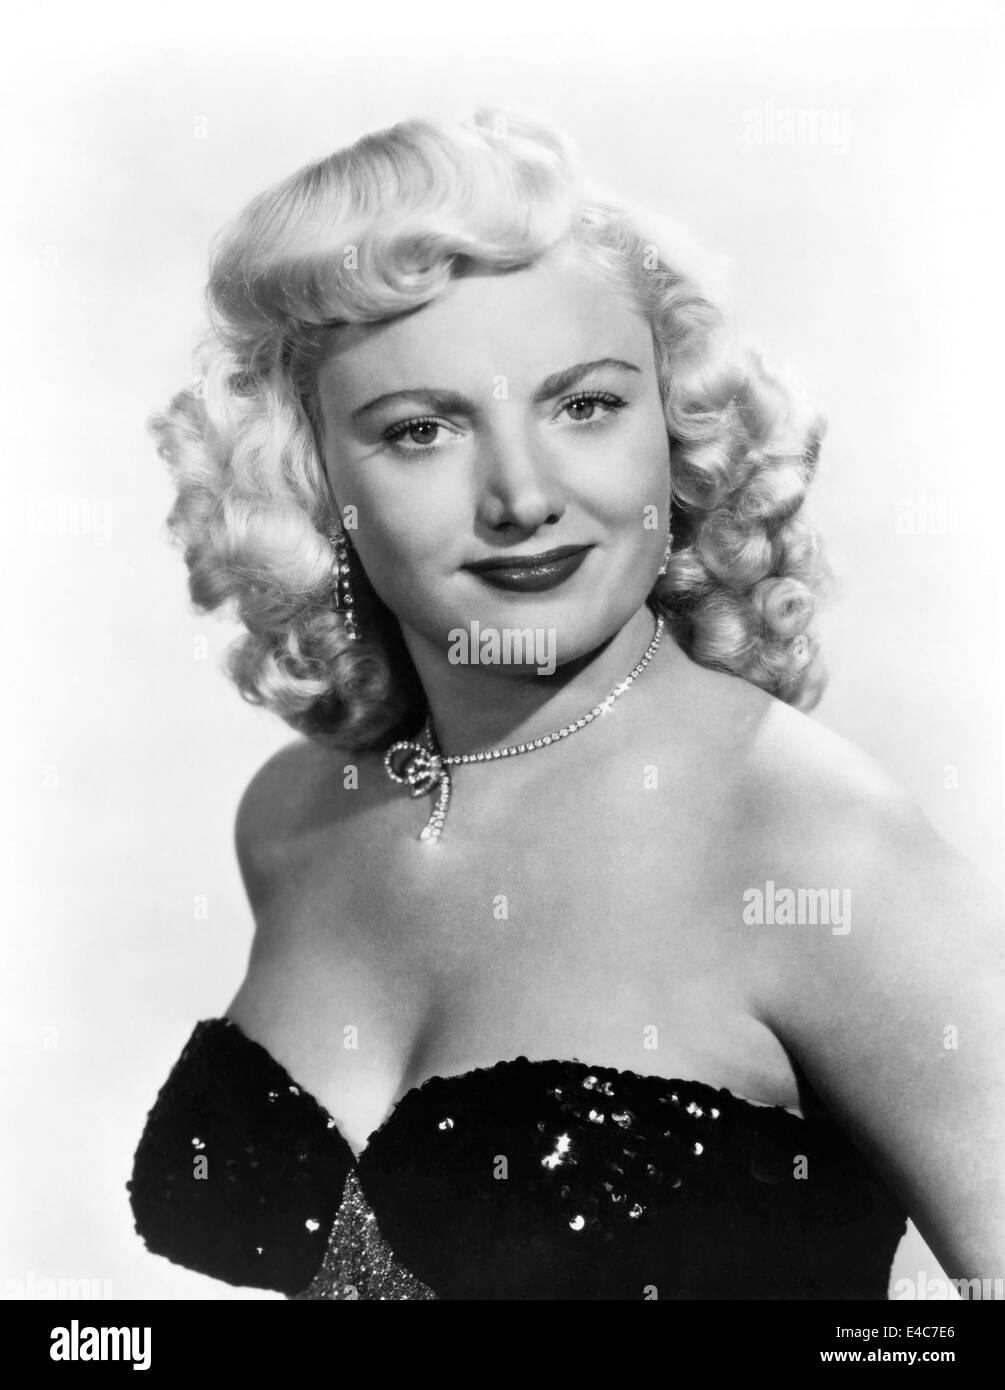 Dagmar, US-amerikanische Schauspielerin, Porträt, etwa Anfang der 50er Jahre Stockfoto